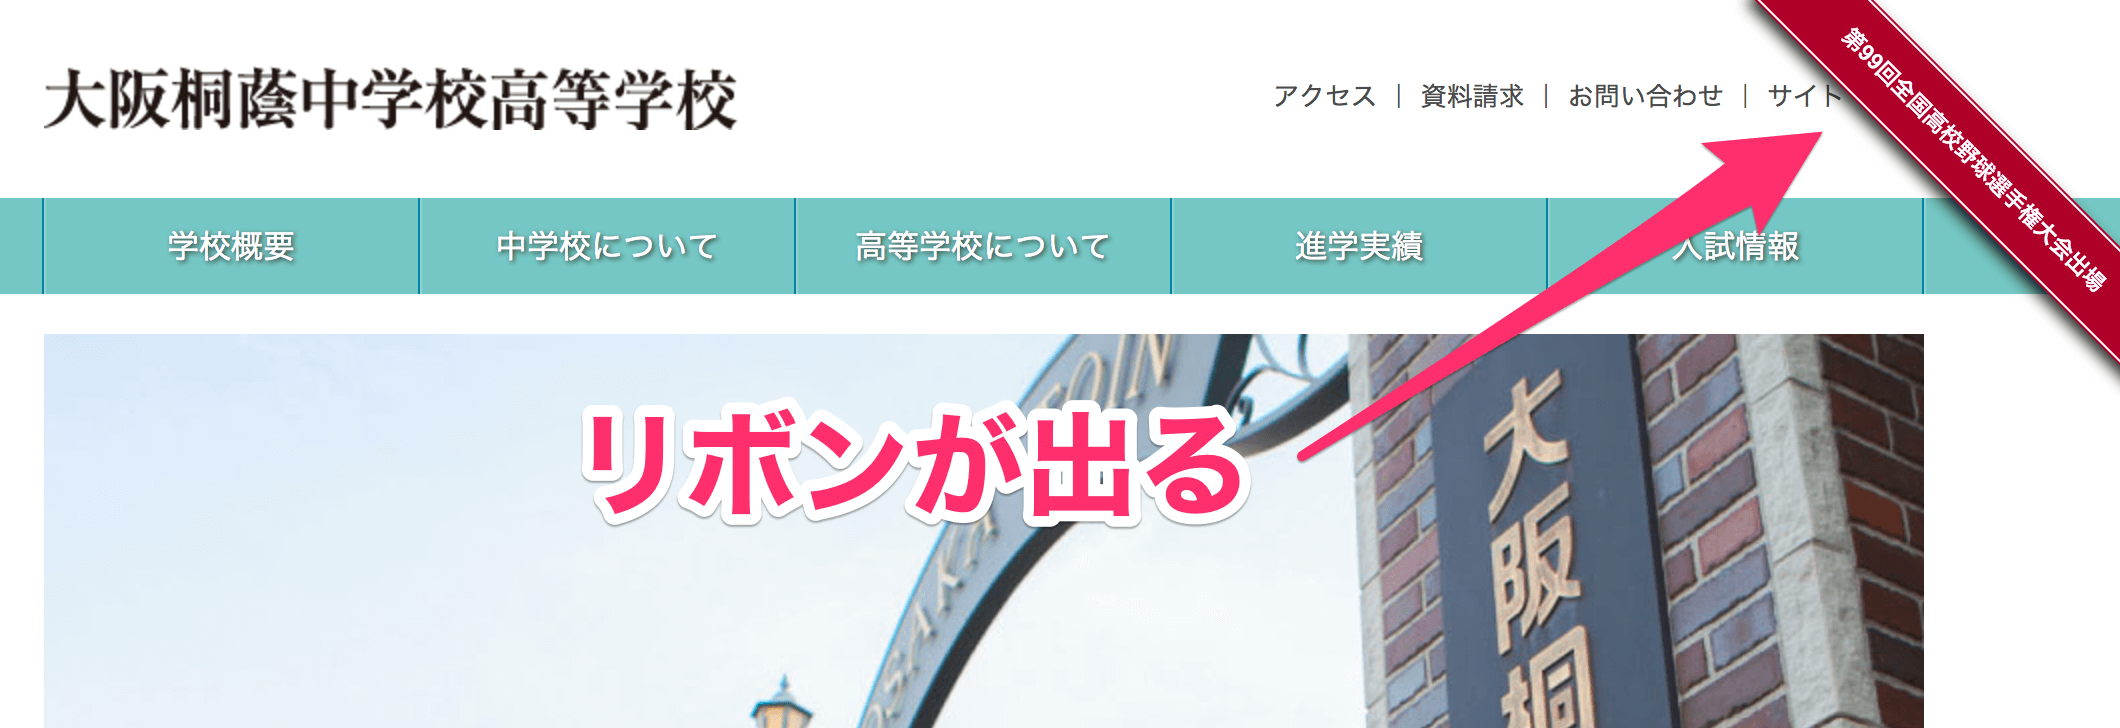 甲子園出場記念リボン(大阪桐蔭)